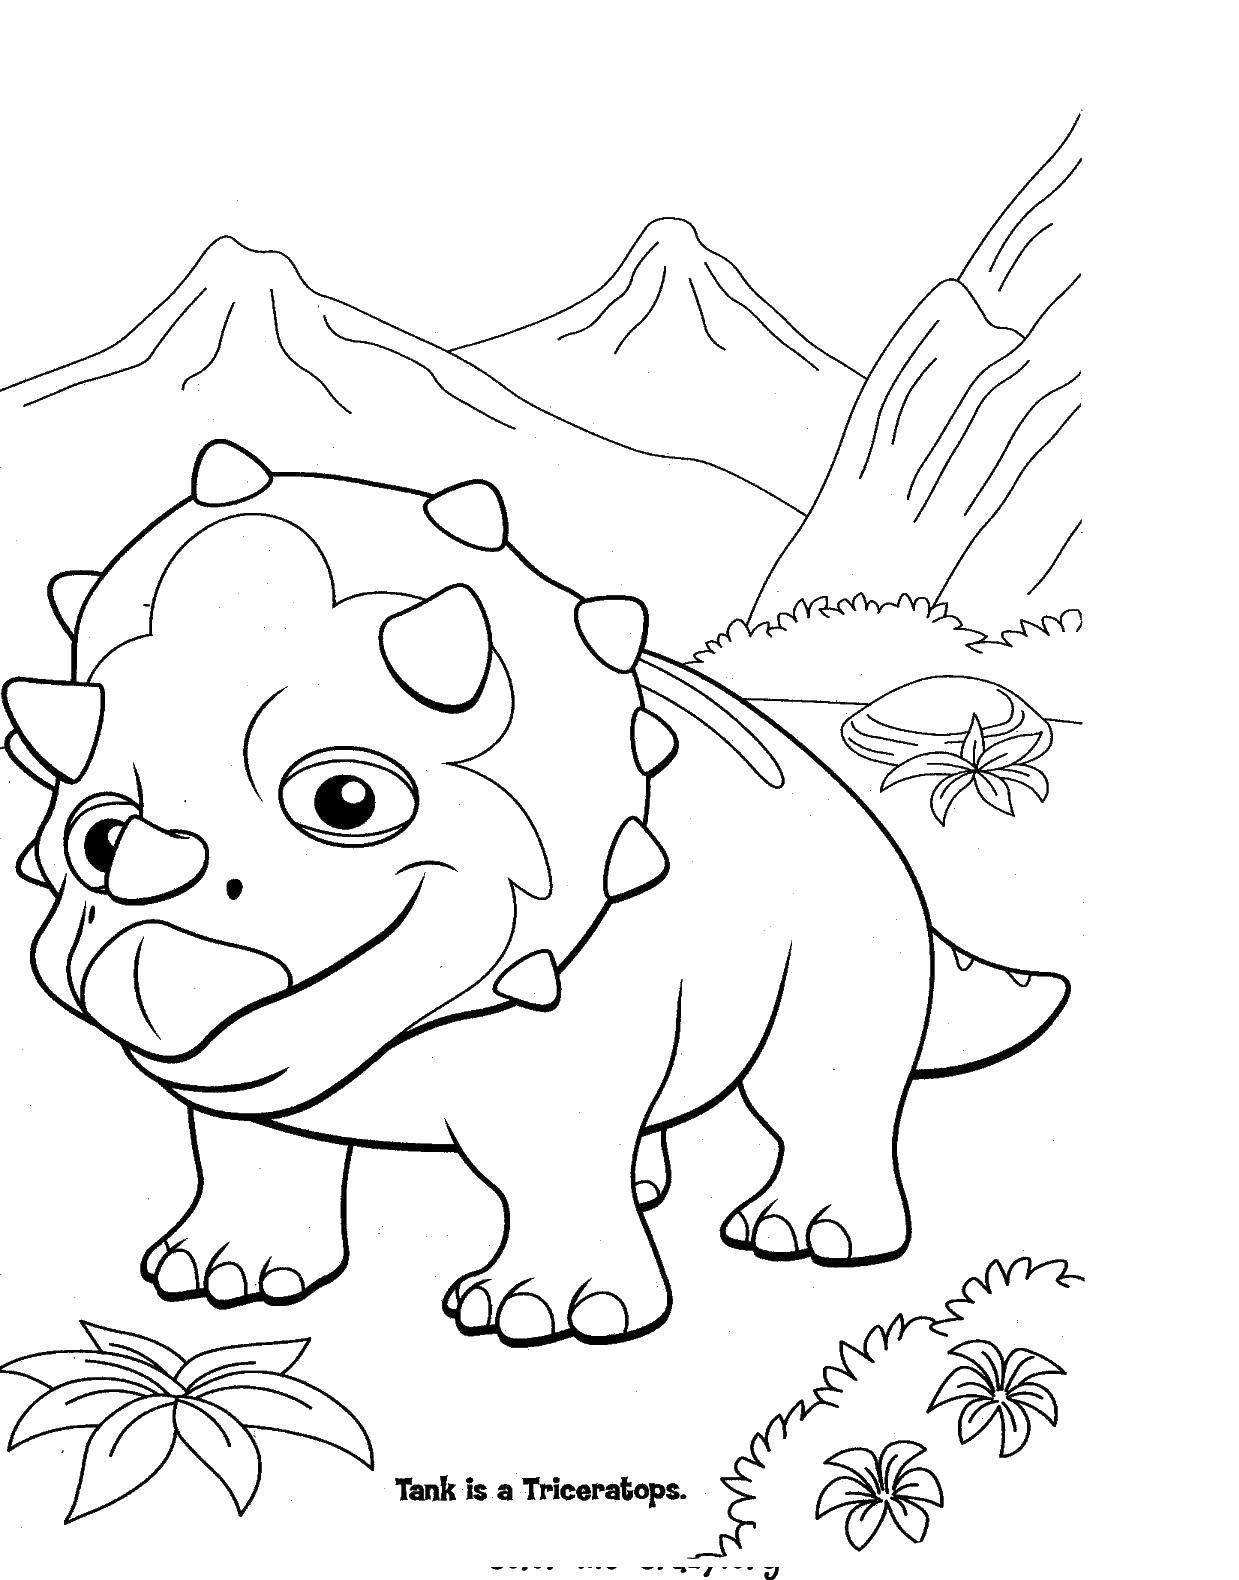 Раскраска Трицератопс. Скачать парк юрского периода, динозавры, трицератопс.  Распечатать ,парк юрского периода,